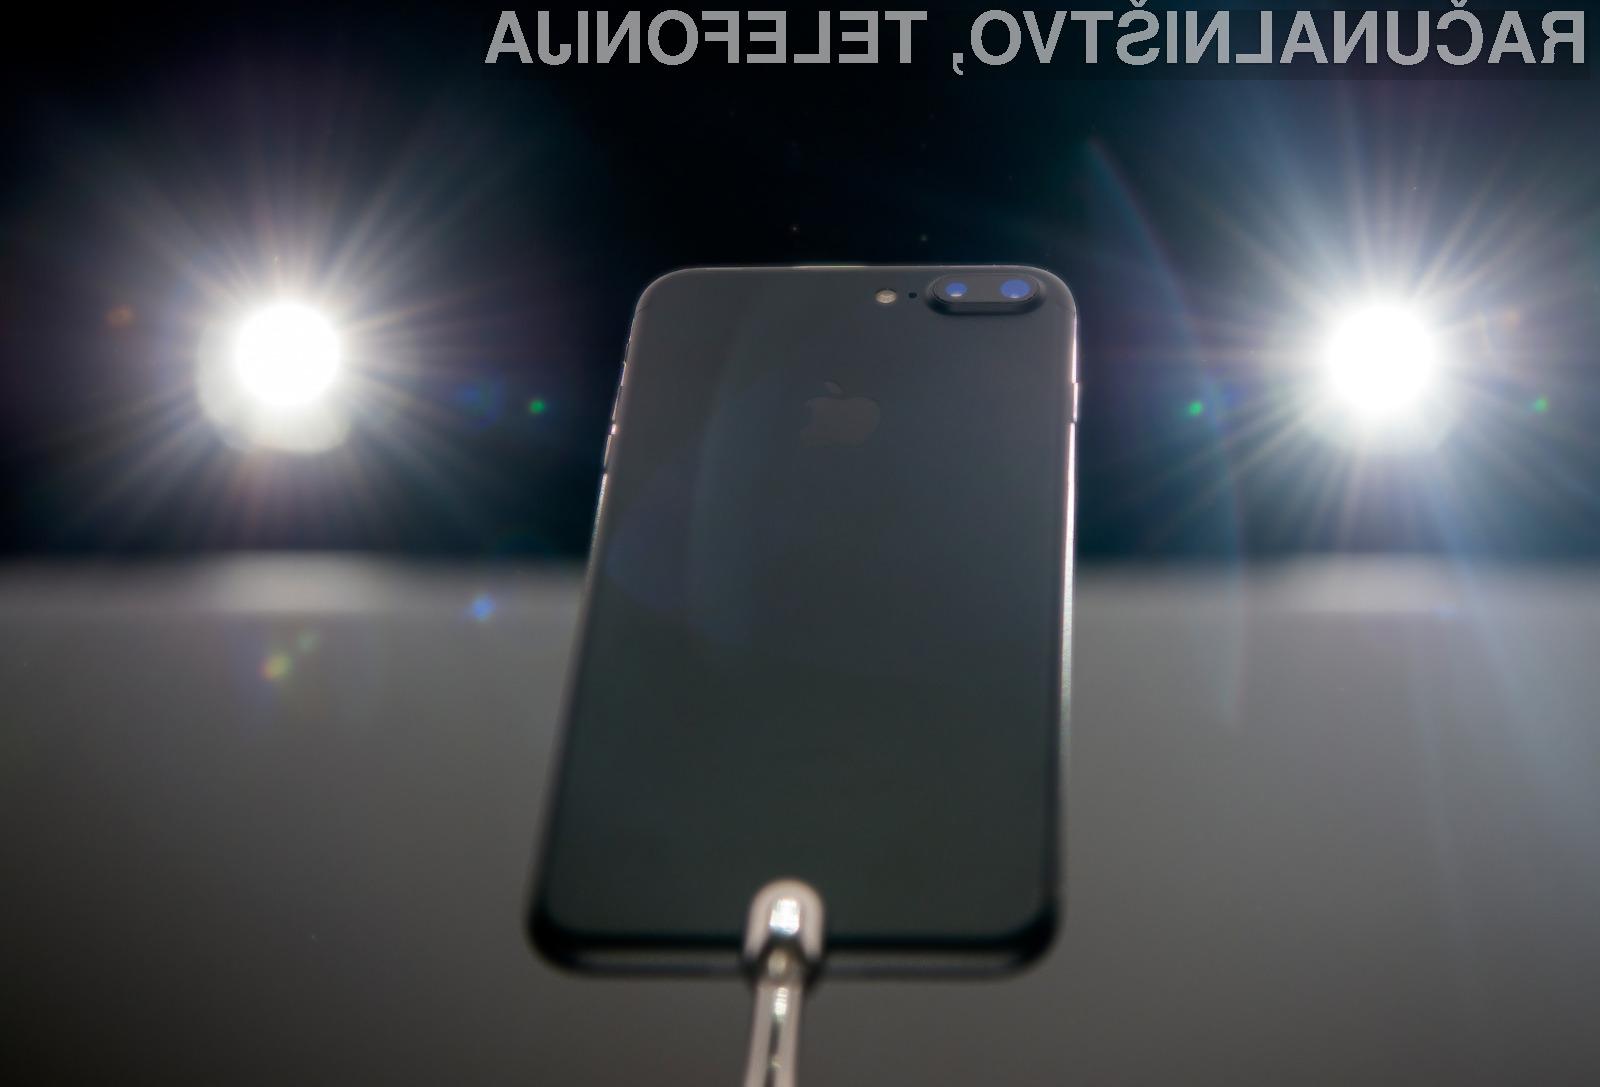 Želite nov iPhone? Pripravite vsaj 1.000 evrov!